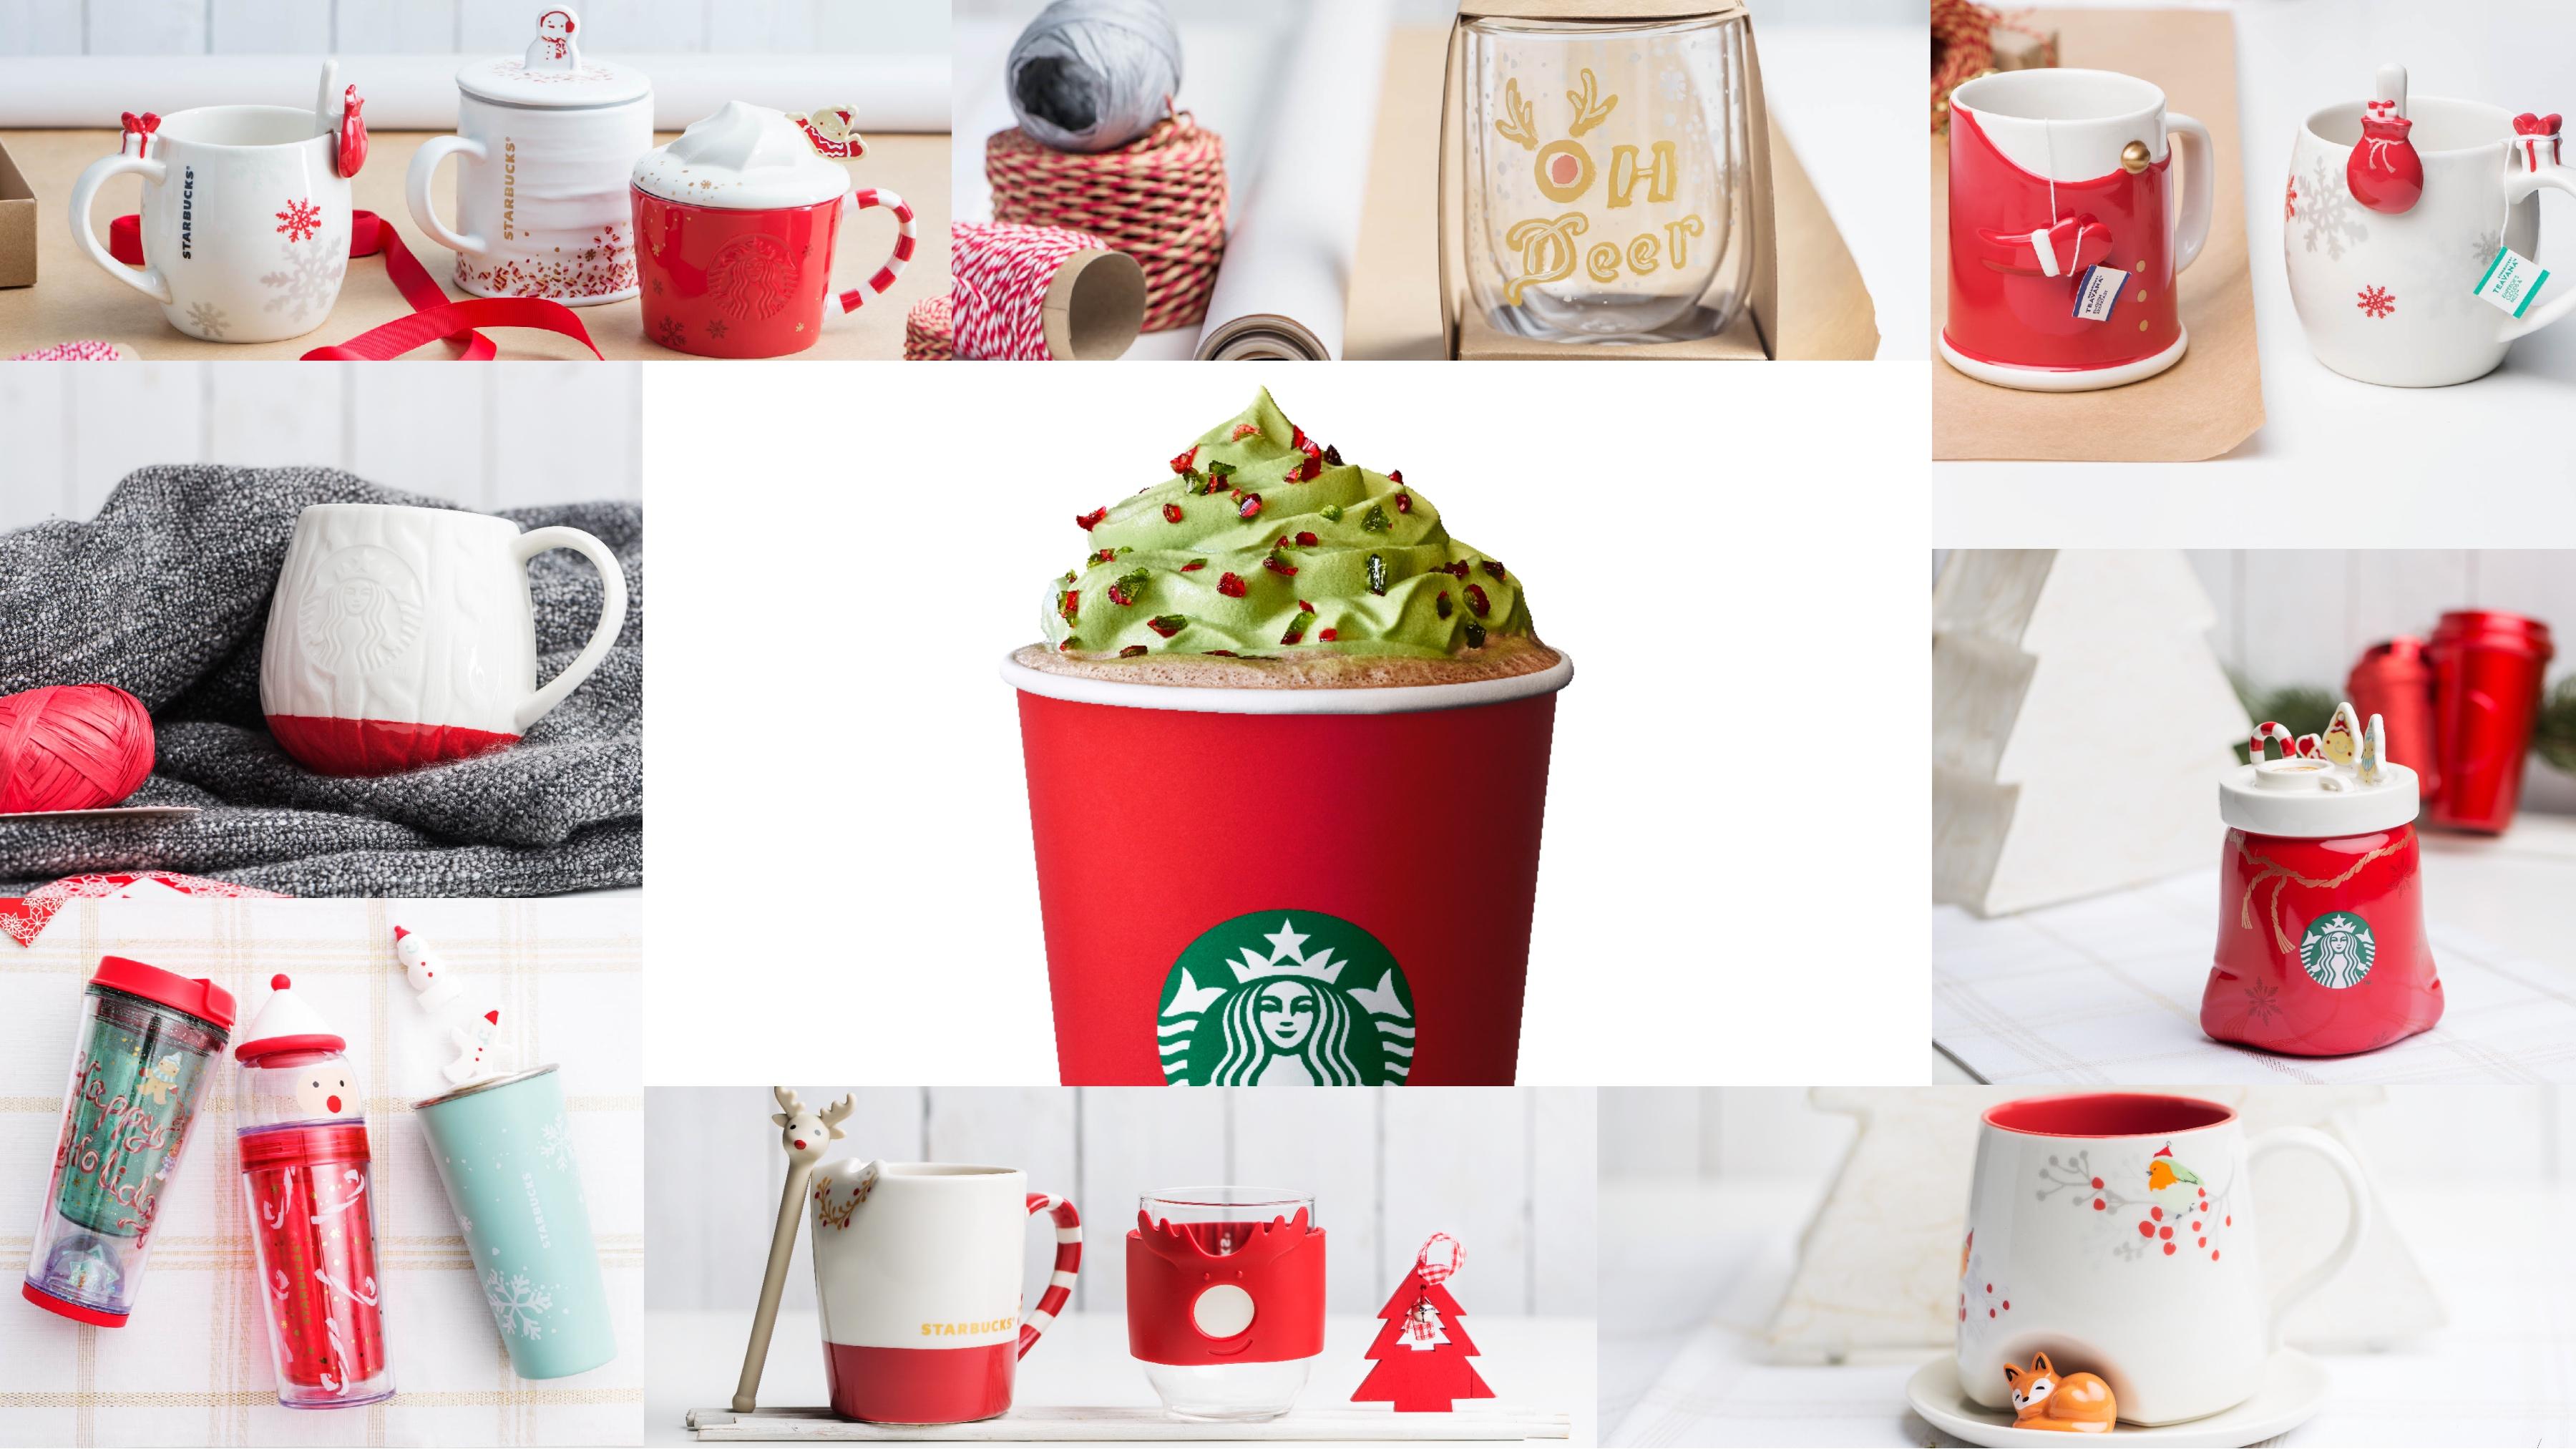 Tis the season to be jolly with Starbucks